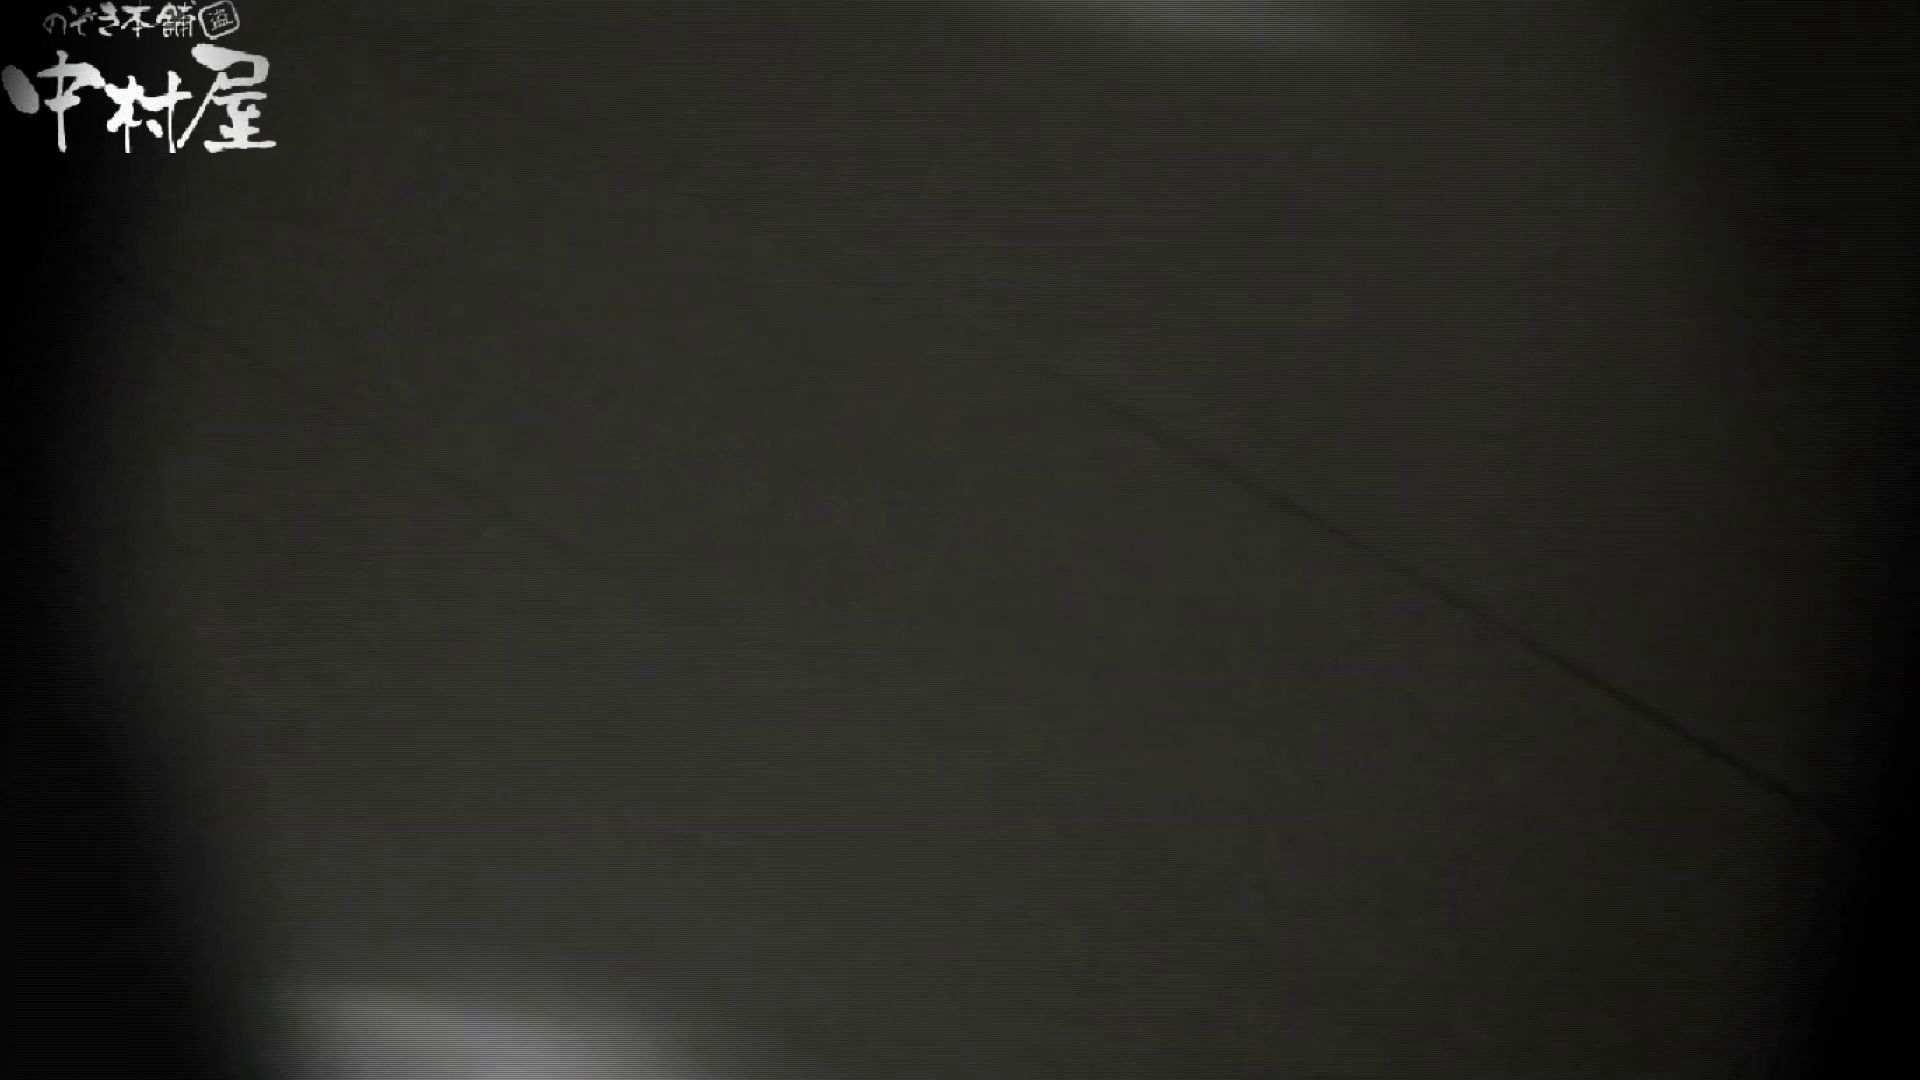 世界の射窓から vol.43 ソーニュー 前編 洗面所突入  91pic 38